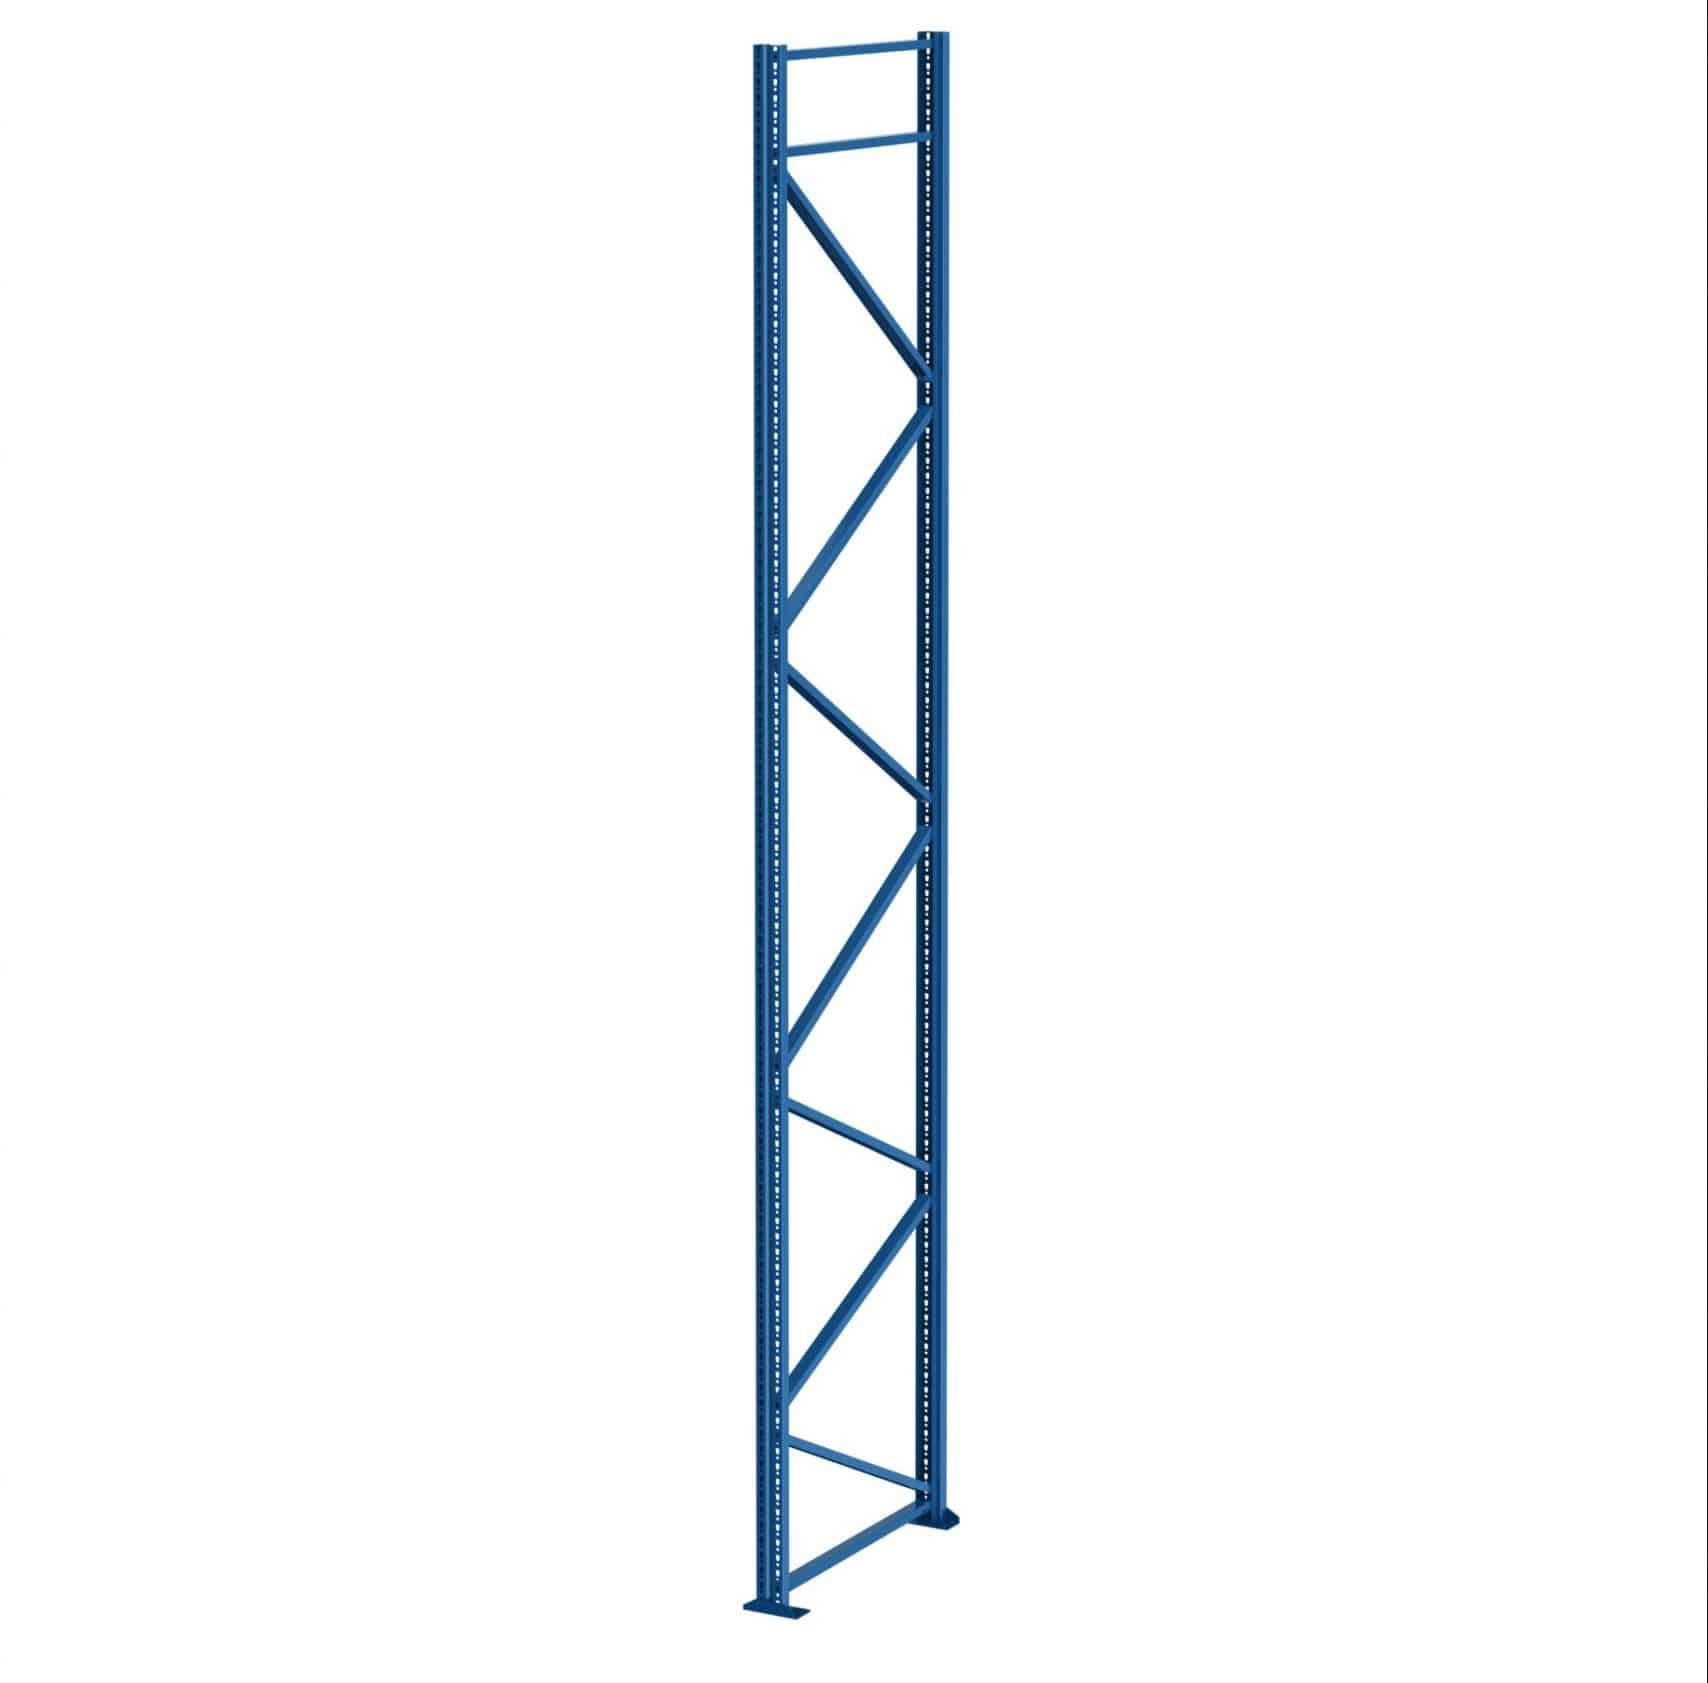 NEDCON Set Ständerrahmen Modell 10068204050 Höhe 5000 mm, Tiefe 1100 mm